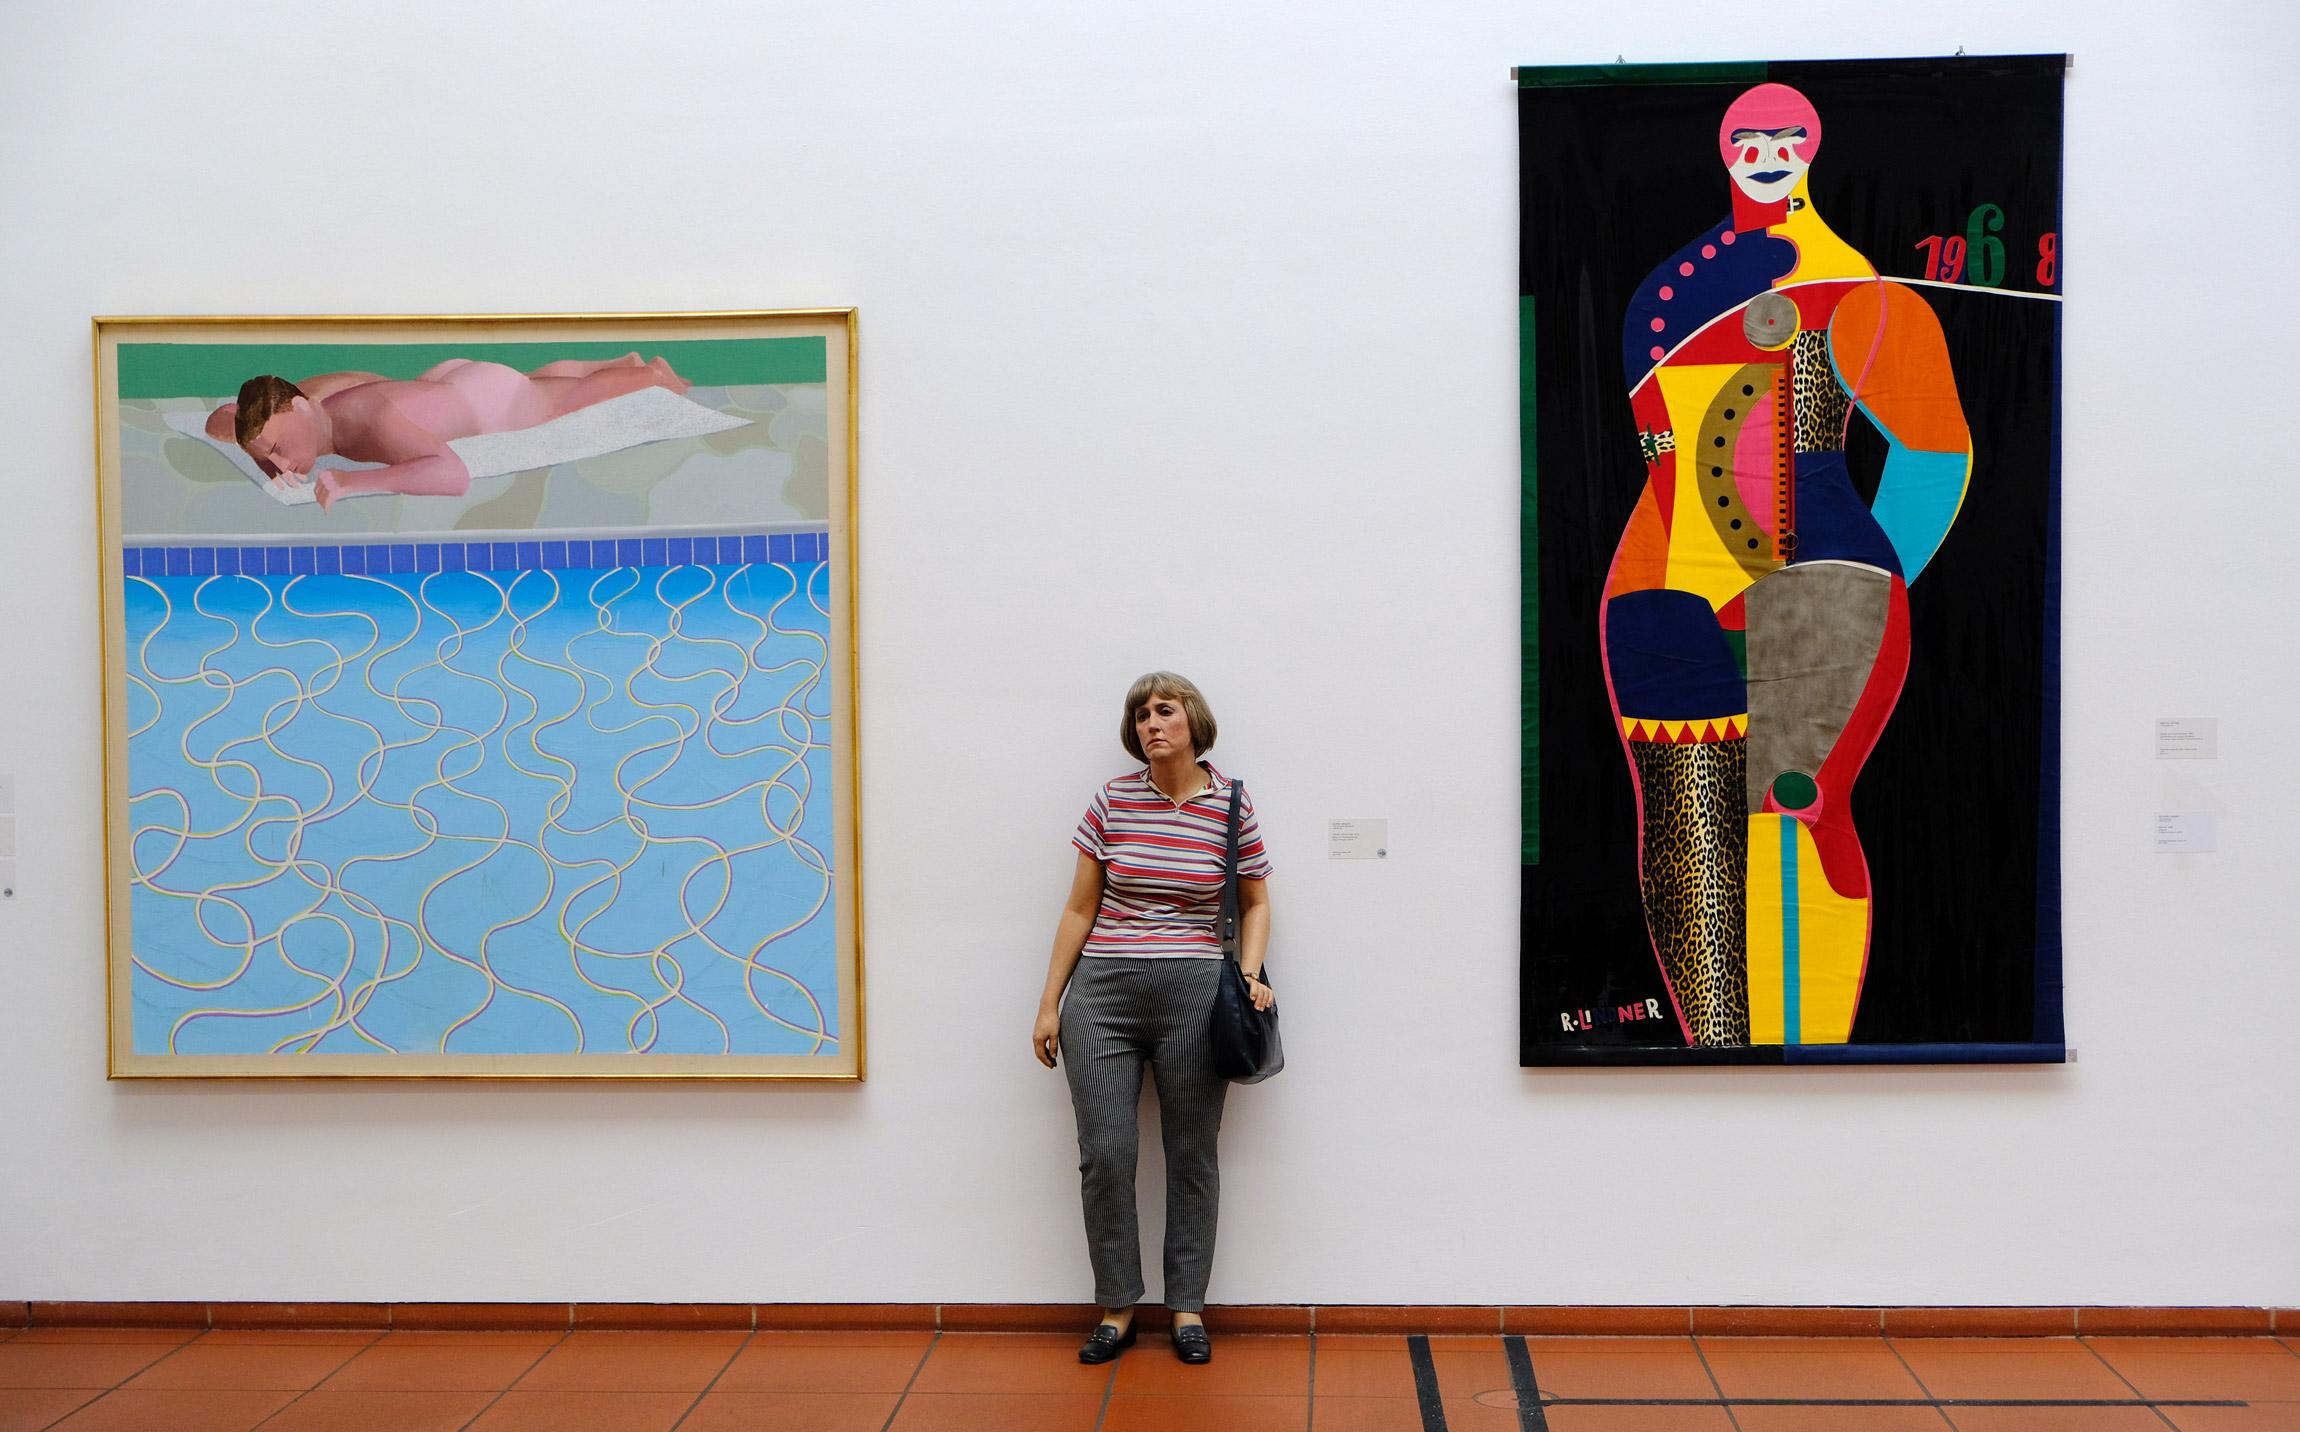 Wystawa pop artu w Muzeum Ludwig